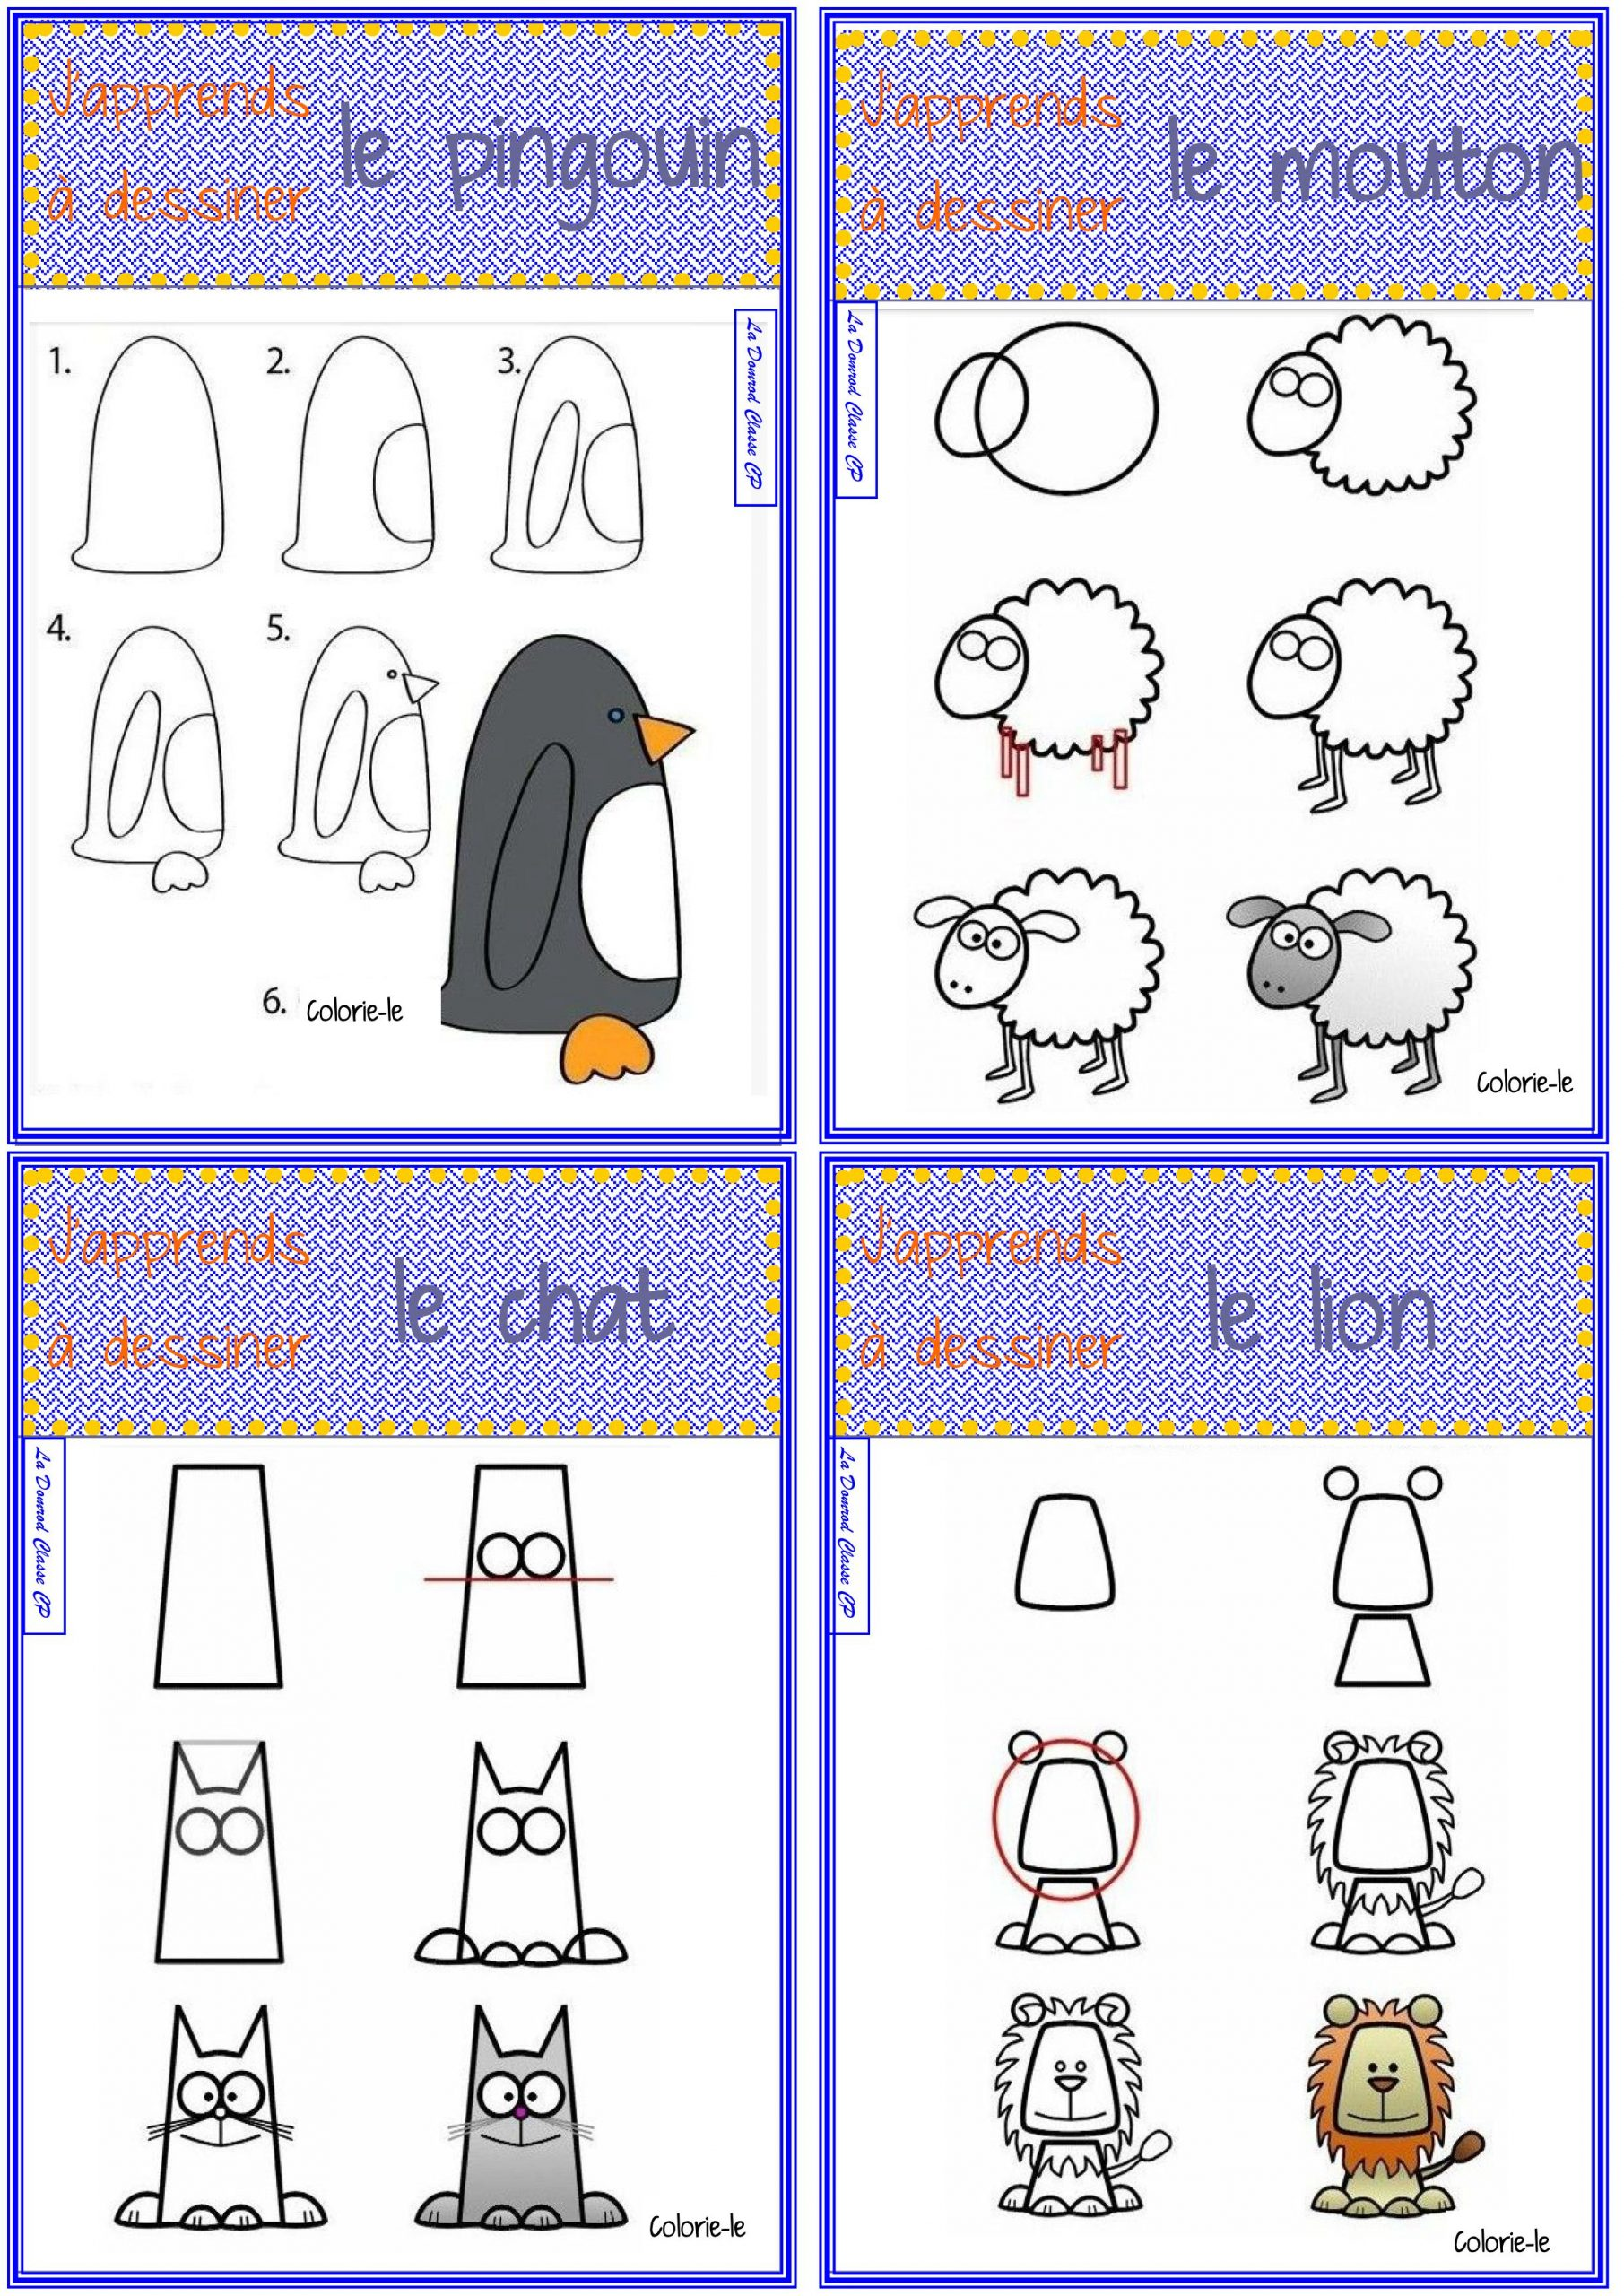 J'apprends À Dessiner Les Animaux - La Domrod Classe Cp dedans Apprendre A Dessiner Des Animaux Facilement Et Gratuitement